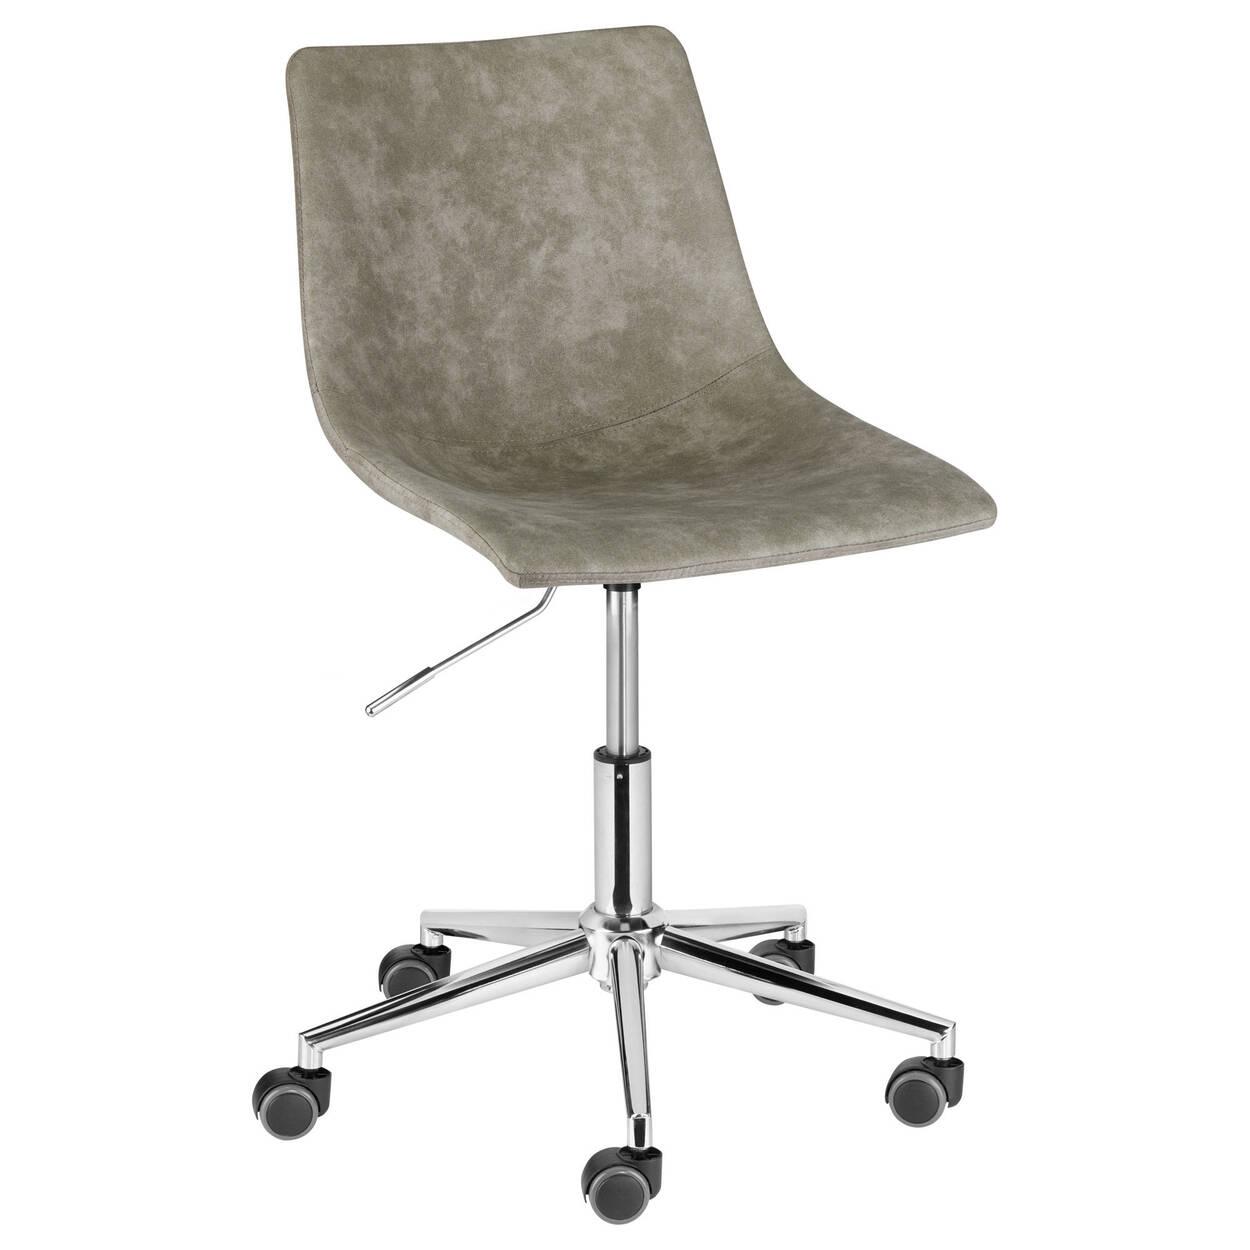 chaise de bureau roulante en faux cuir crazy horse et en. Black Bedroom Furniture Sets. Home Design Ideas